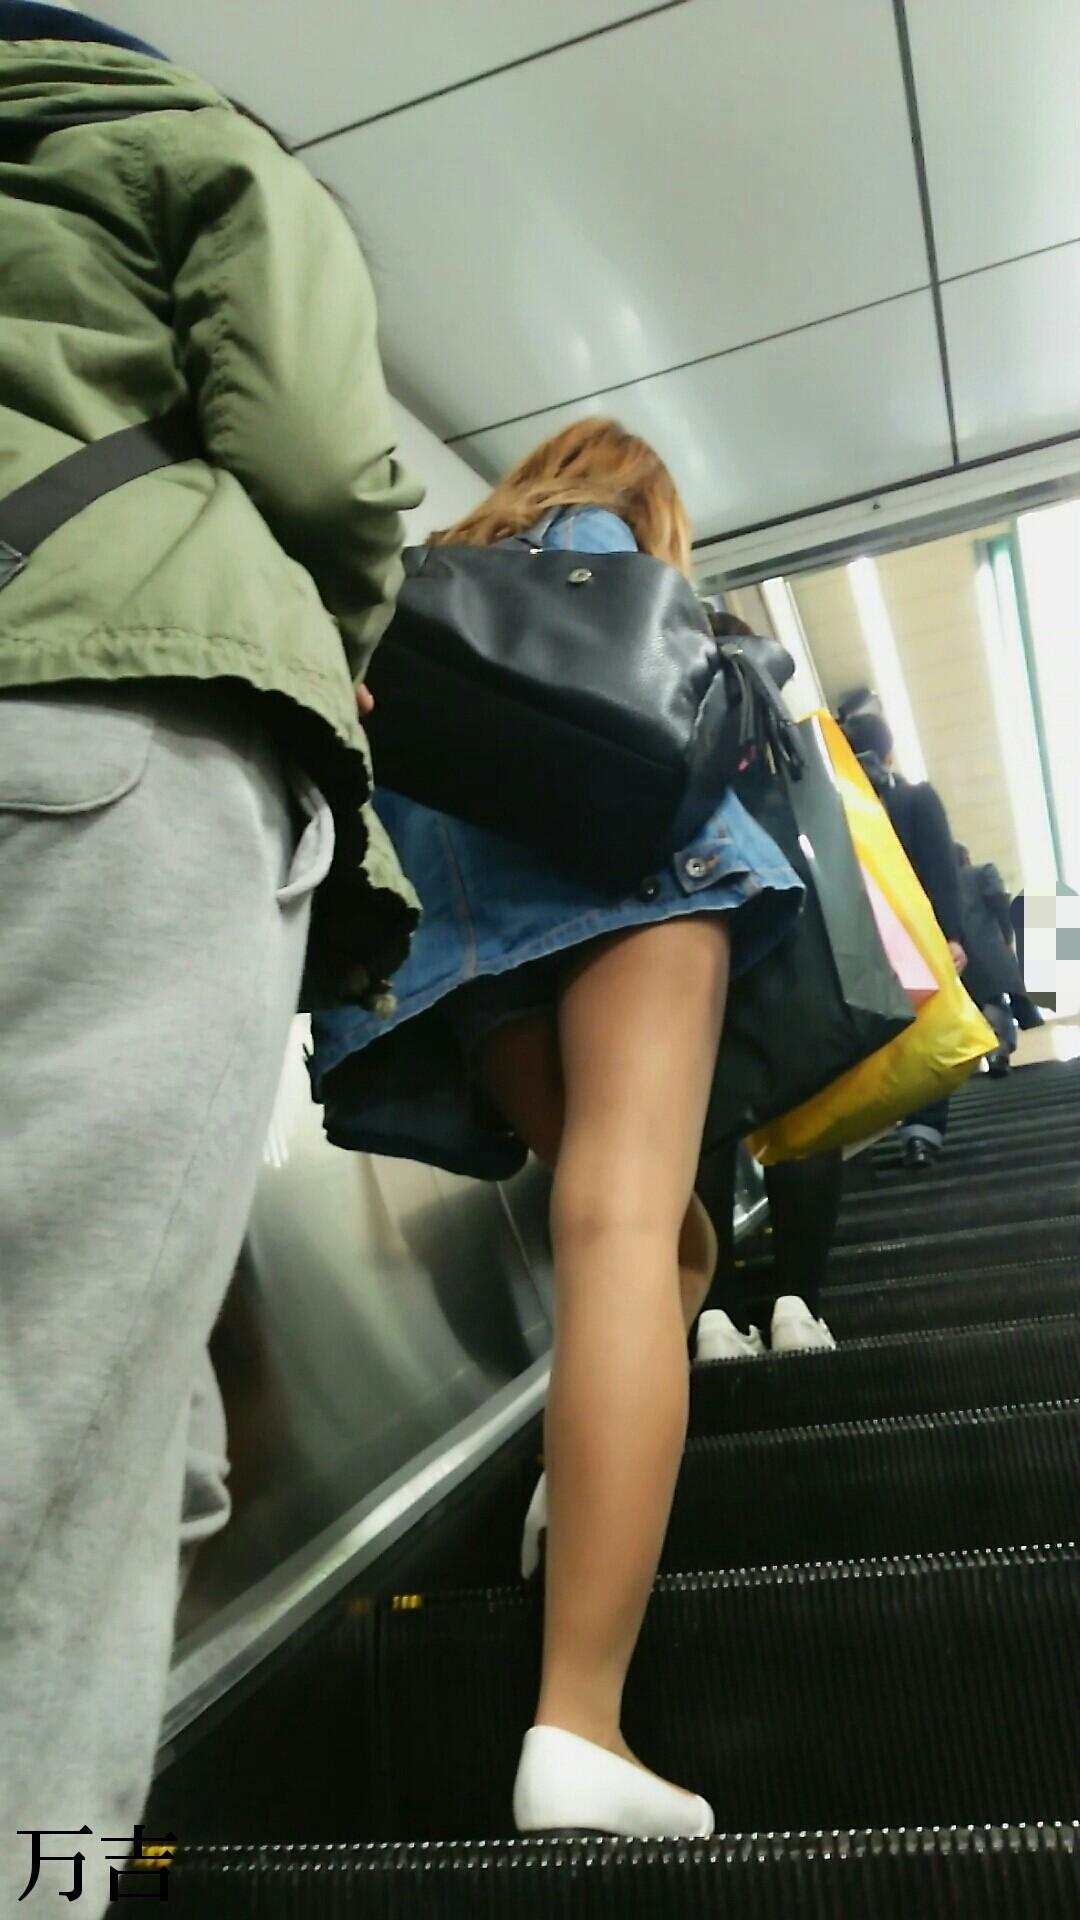 階段登るお姉さんのミニスカパンチラが超エッチwwwwwwwwwww Bitxyy7Sk5tI57Z8